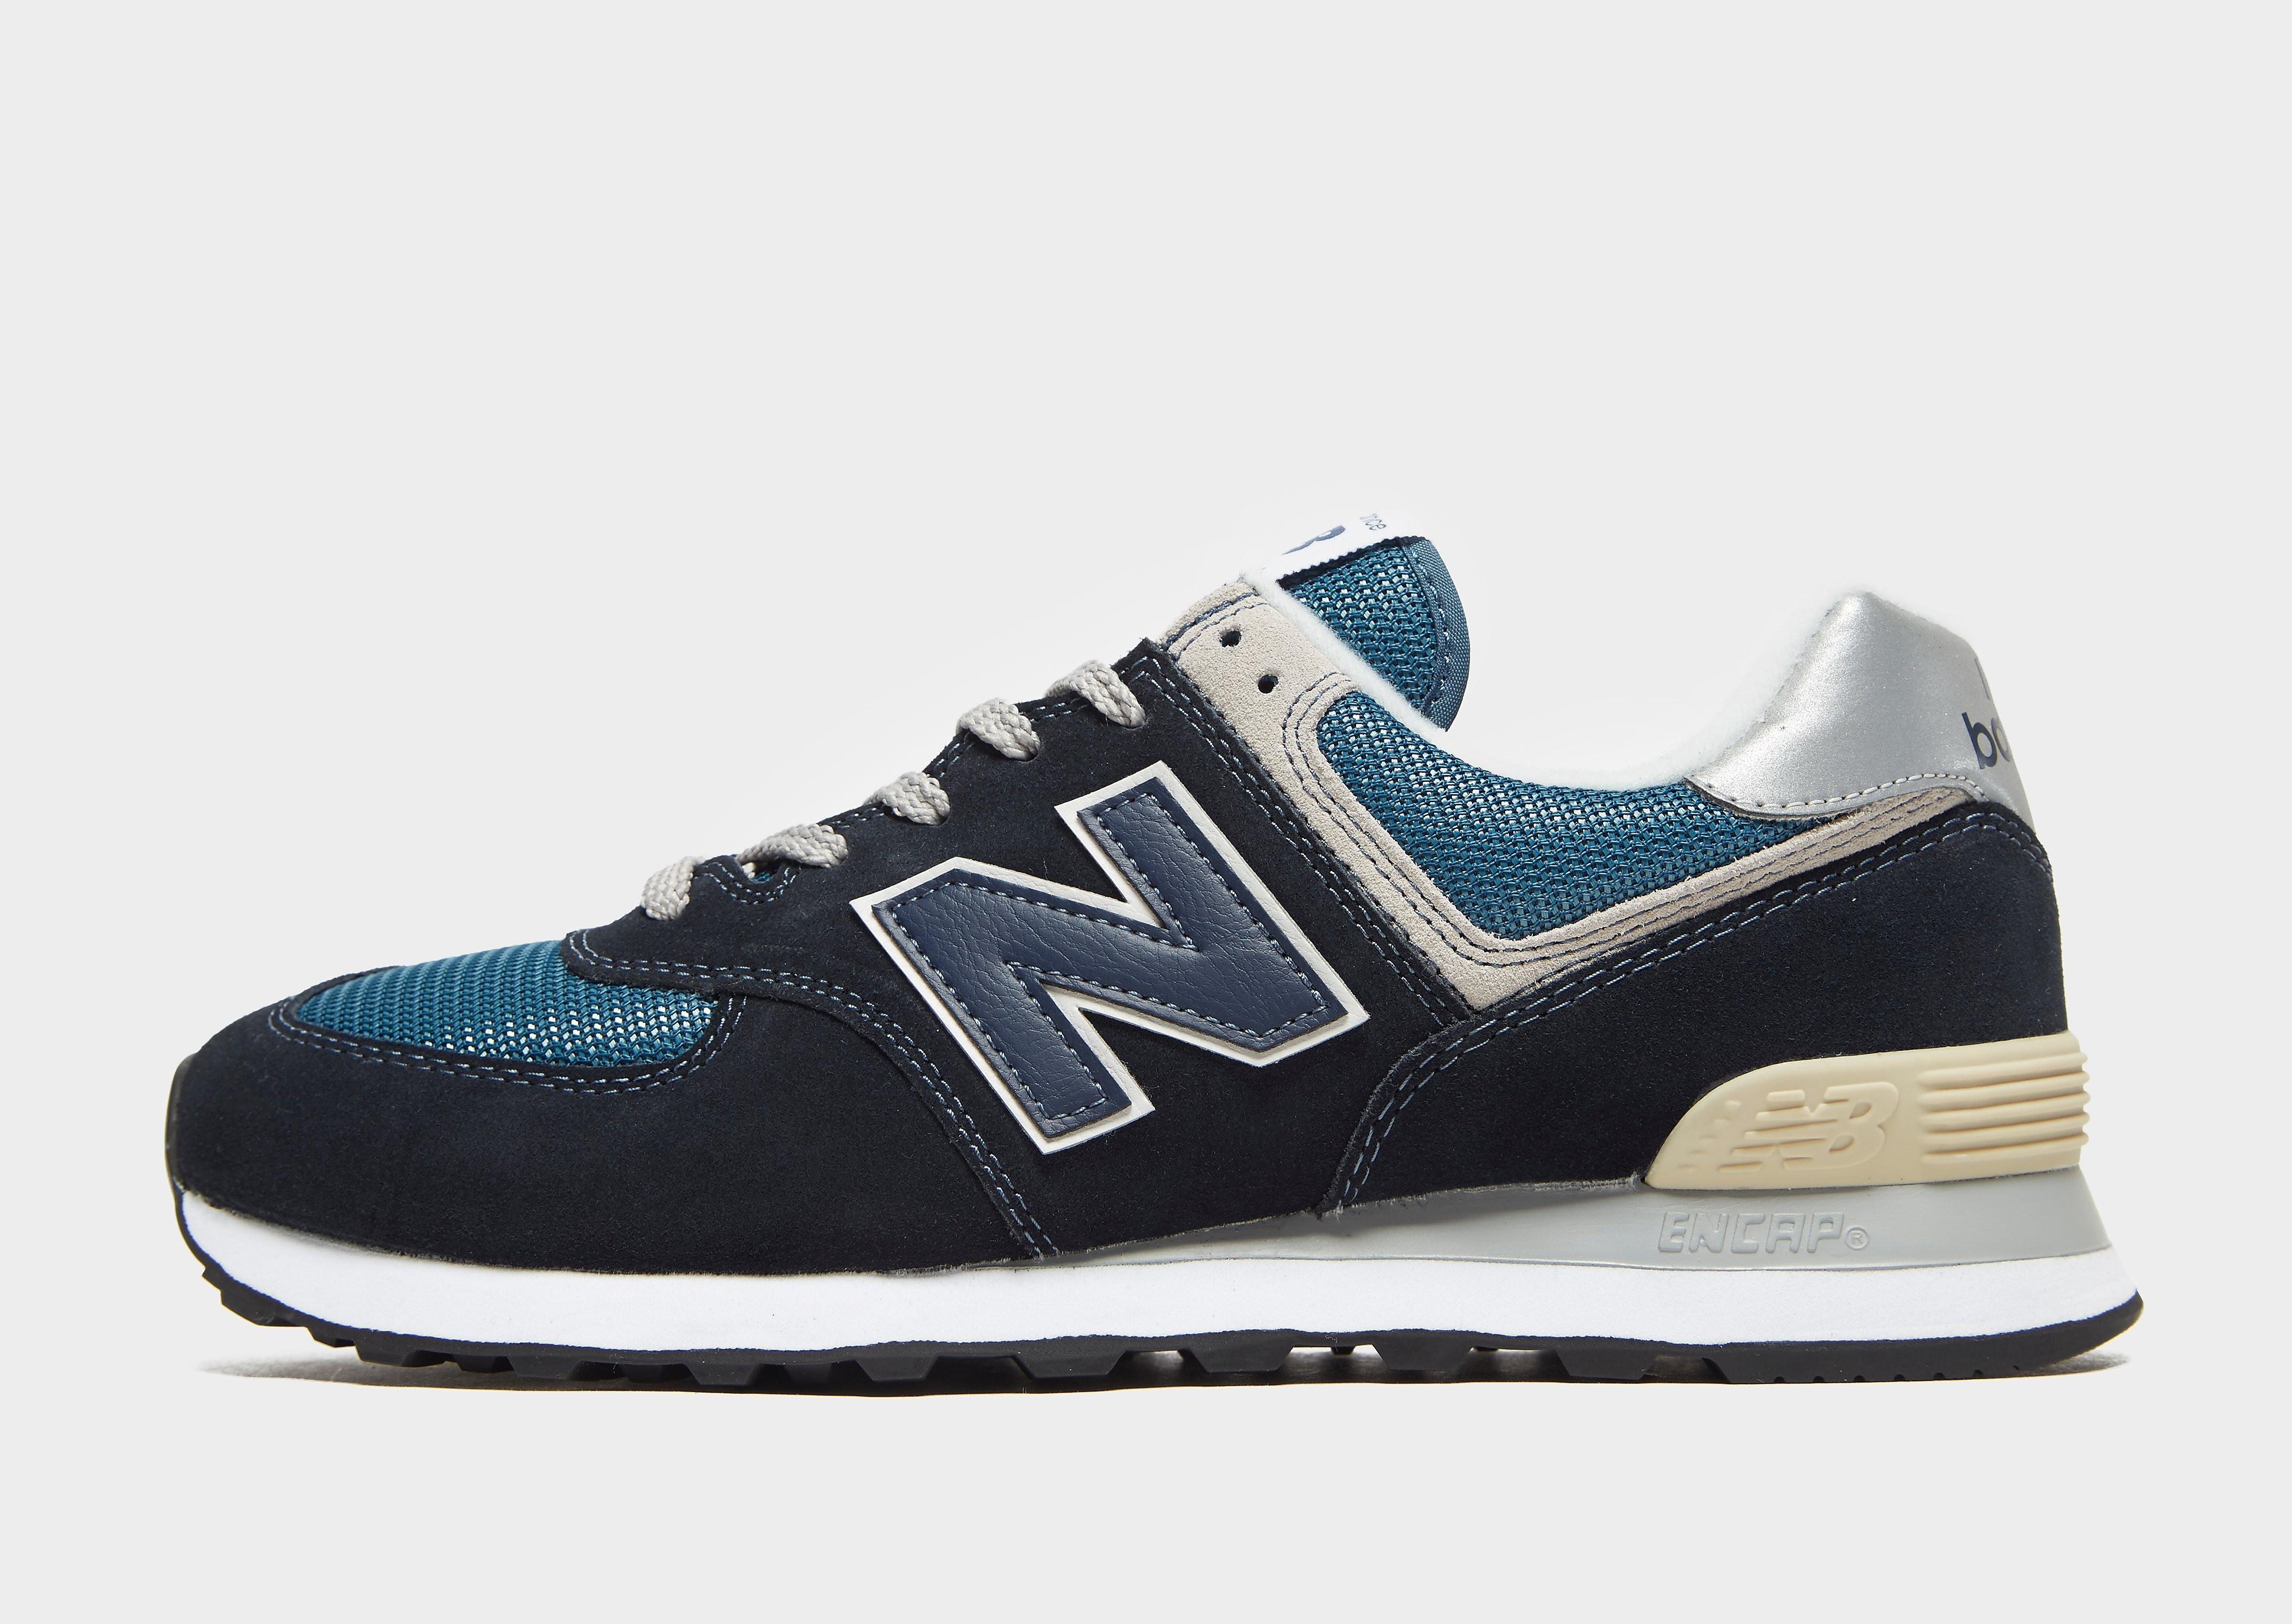 New Balance 574 Herren - Blau - Mens, Blau